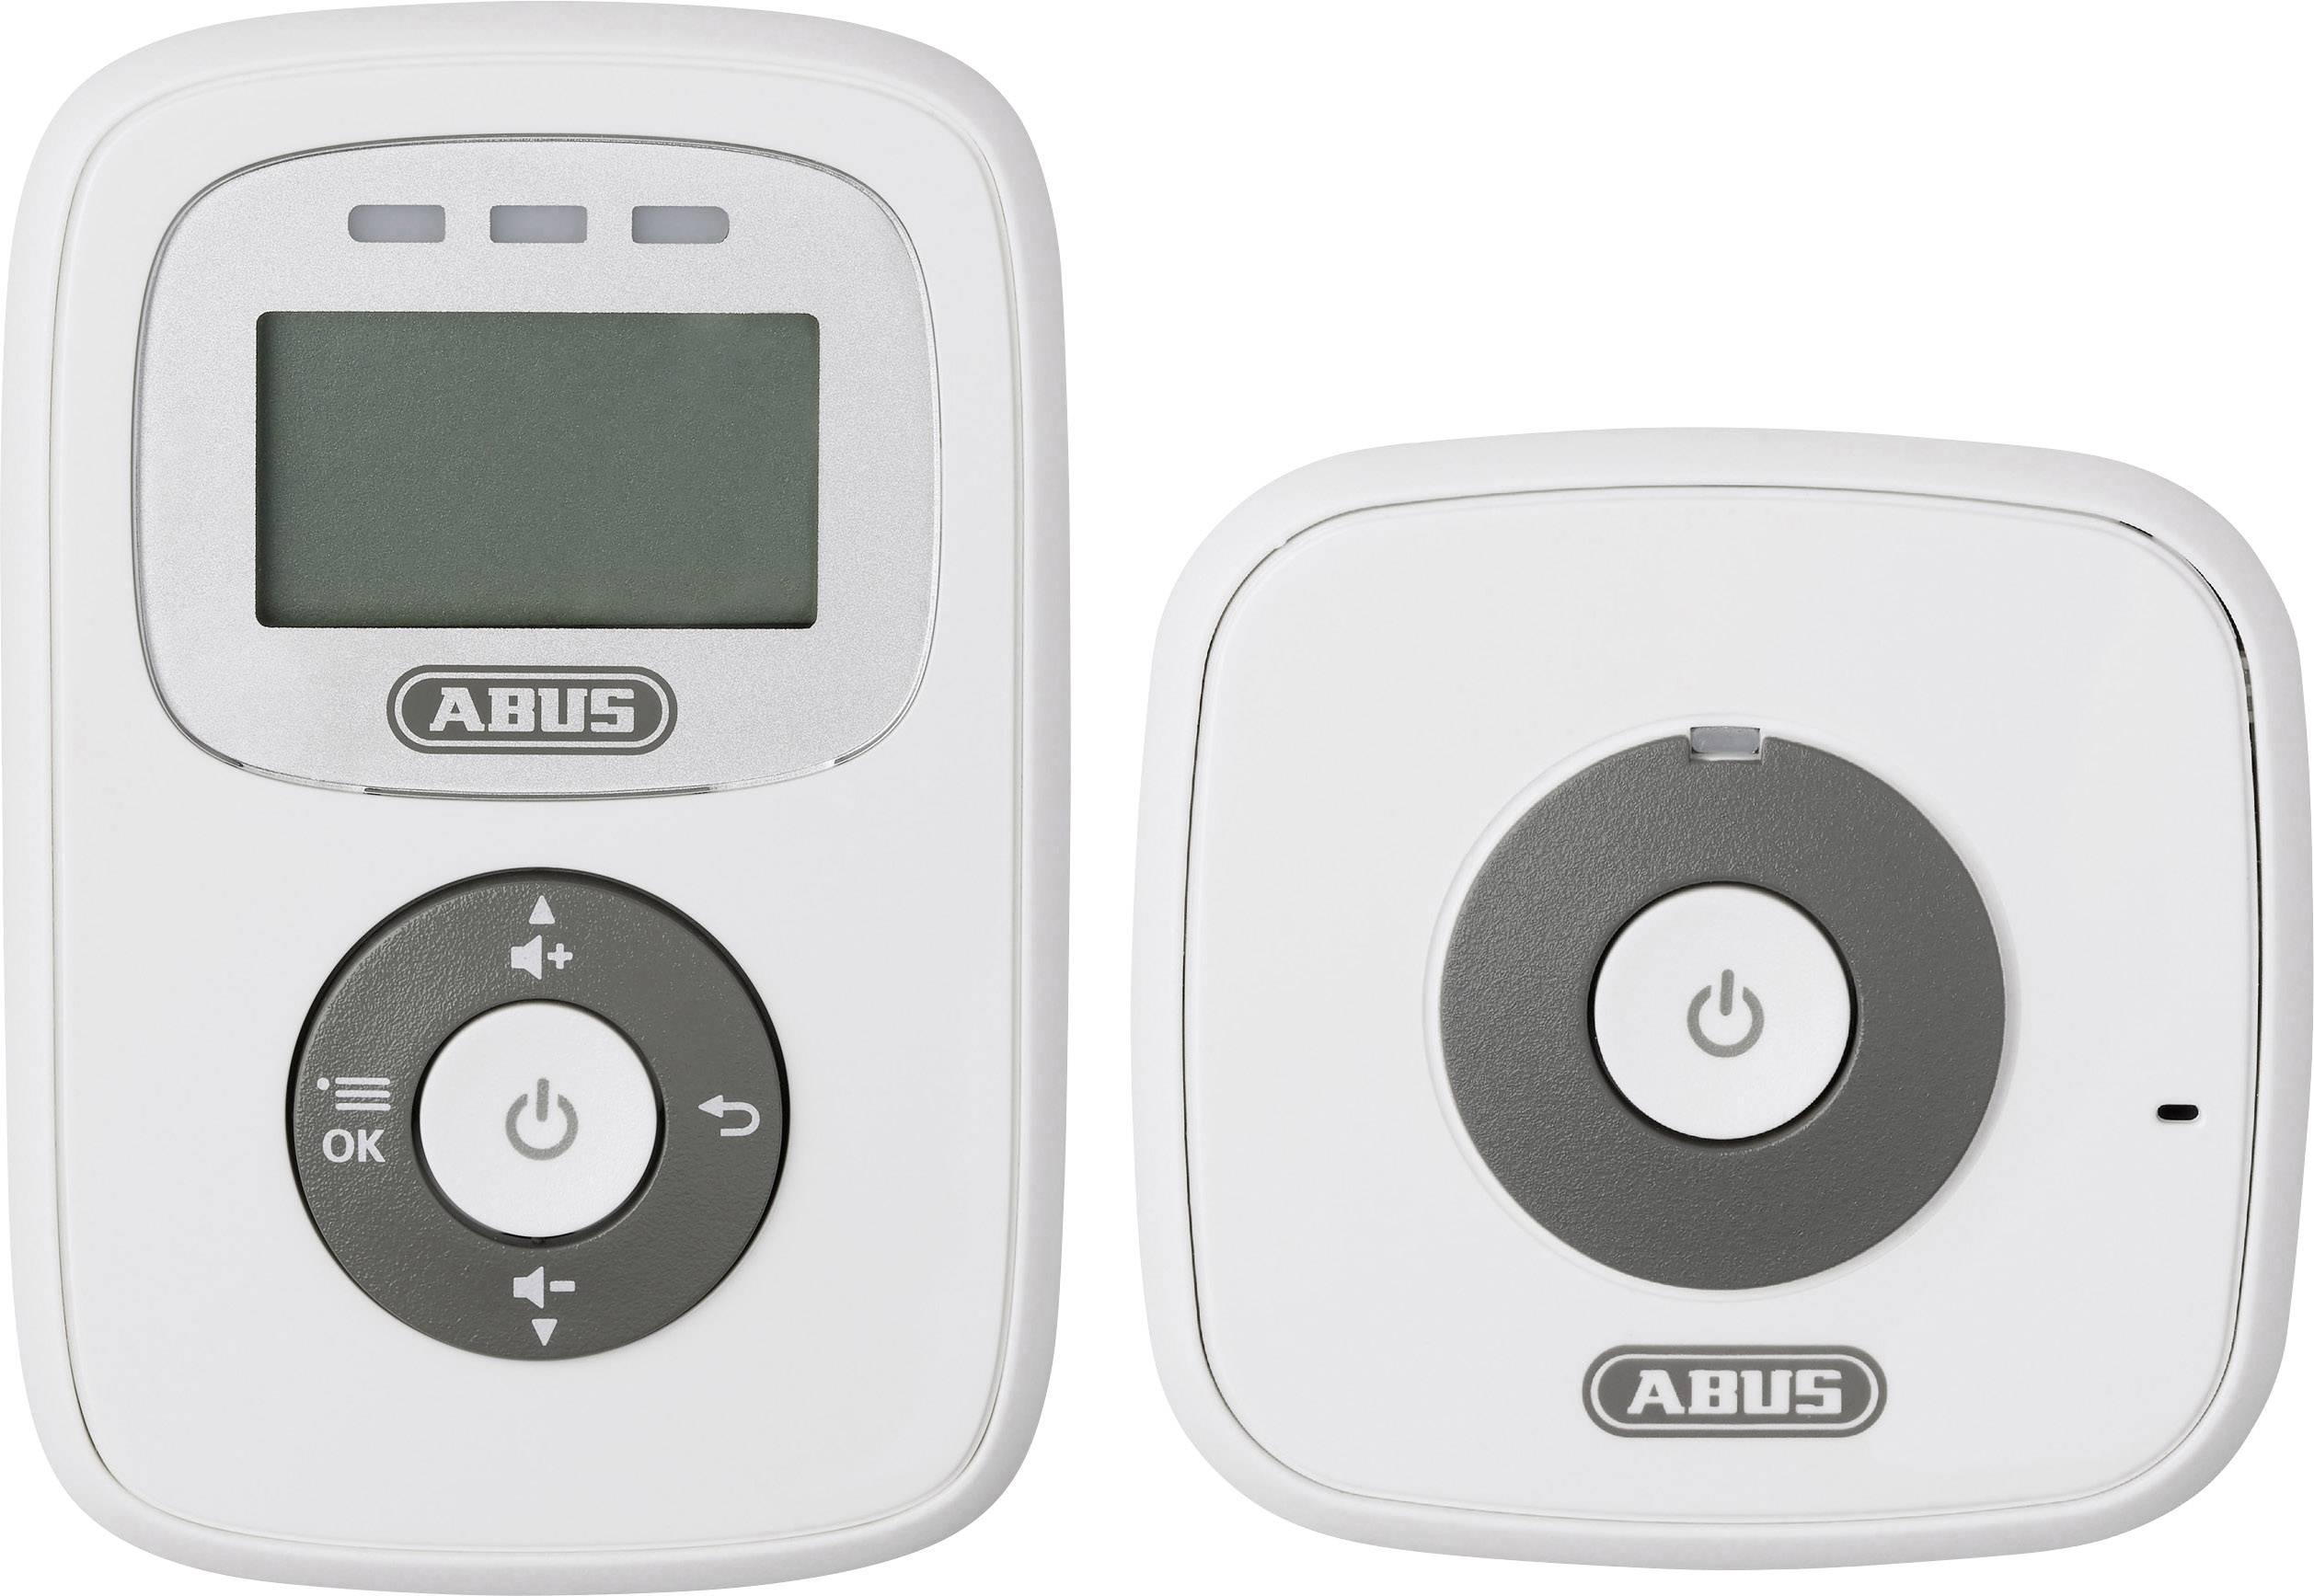 Dětská chůvička ABUS ABJC73126 TOM, 1.8 GHz